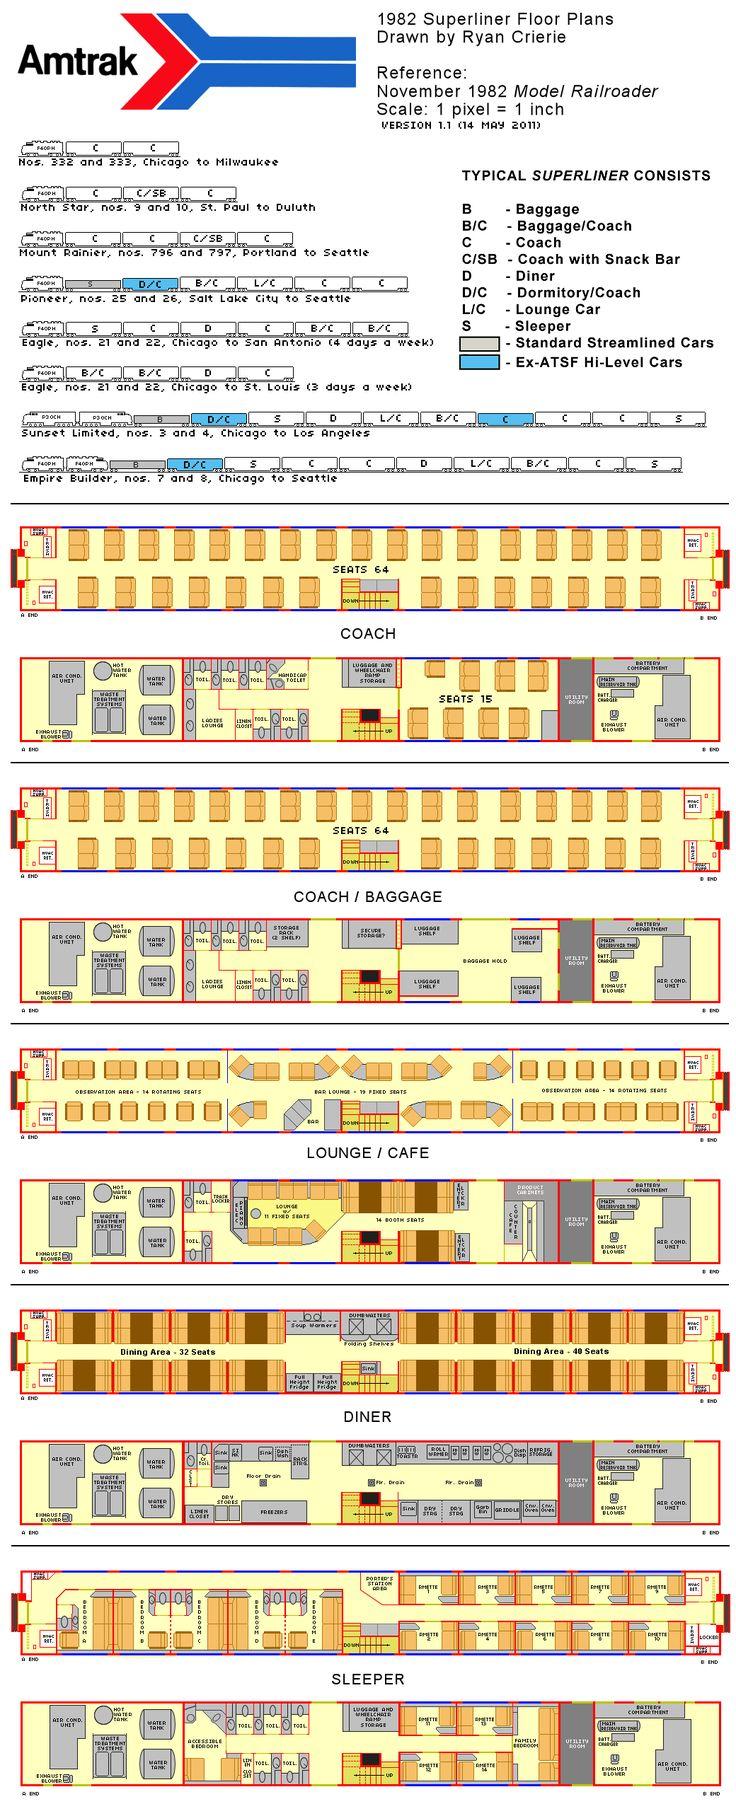 130 best i love floor plans images on pinterest floor plans amtrak superliner flooro plans 1982